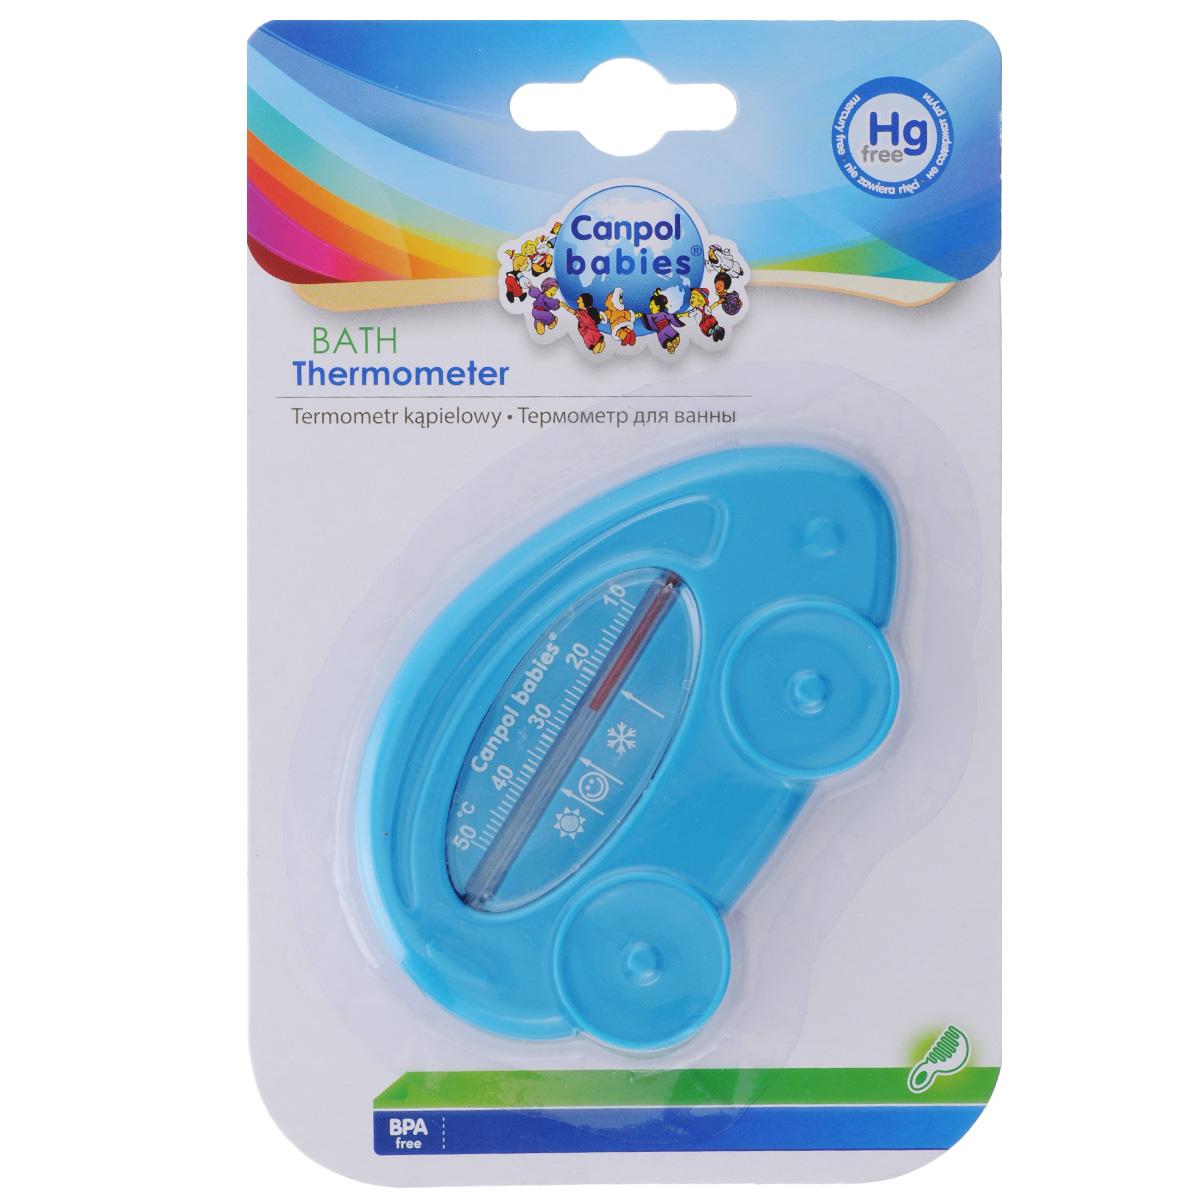 Canpol Babies Термометр для ванны Машина цвет синий2/784_синийТермометр Canpol Babies Машина изготовлен из безопасного материала. Он позволяет измерять температуру воды точно, а необычная форма будет привлекать внимание малыша во время купания. Термометр не содержит ртути: для измерения температуры используется спирт. Трубка со спиртом безопасно расположена внутри машинки и недоступна для детей. Термометр имеет удобную шкалу с отметкой оптимальной температуры для купания малыша в виде значка с улыбающимся личиком (около 37°С).